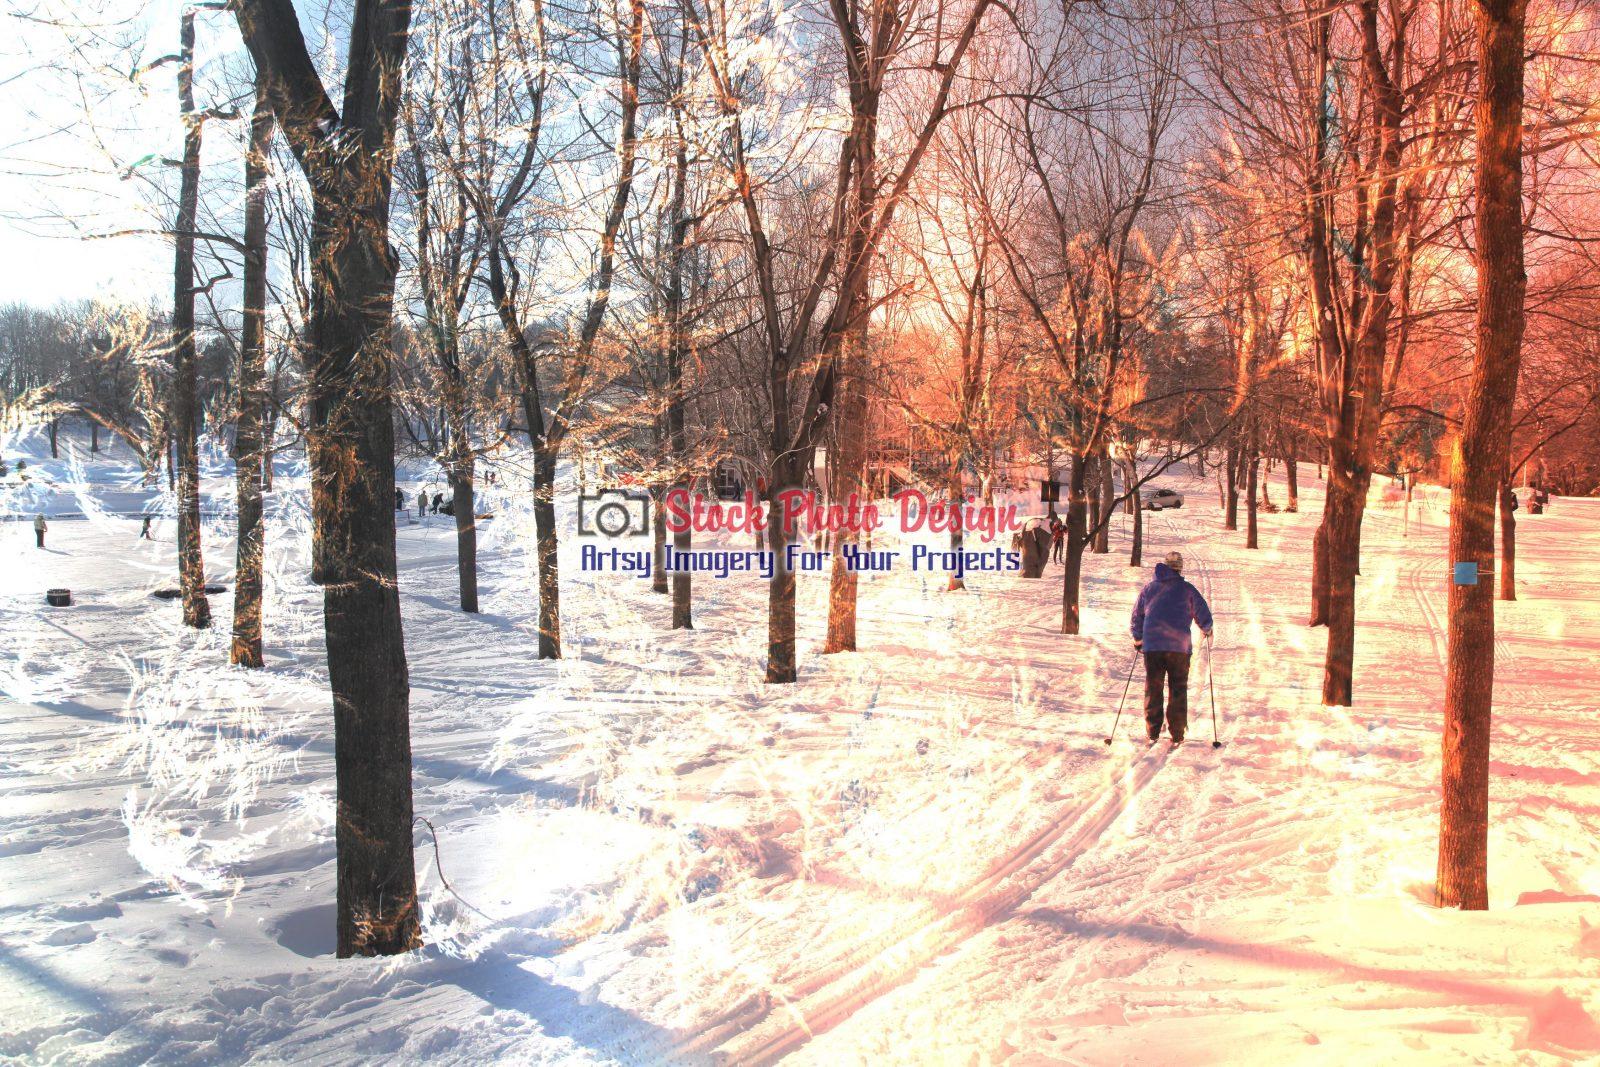 Winter-Scene-Photo-Montage-Image